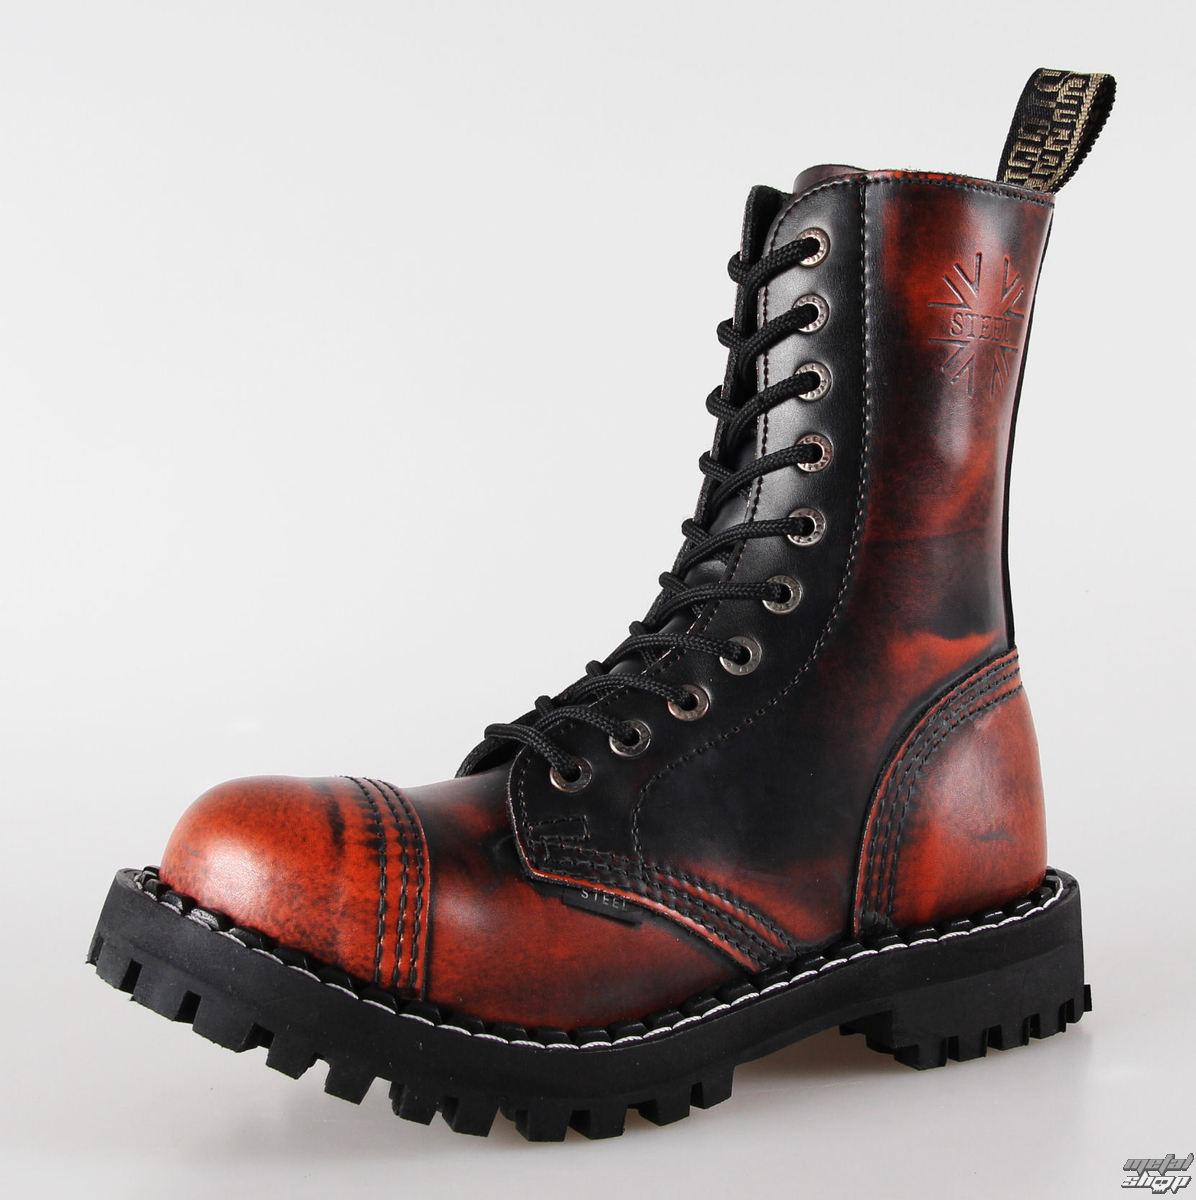 topánky STEEL - 10 dierkové čierne ( 105 106 Black) 10tich-dierkové ... 6a22b619e8c